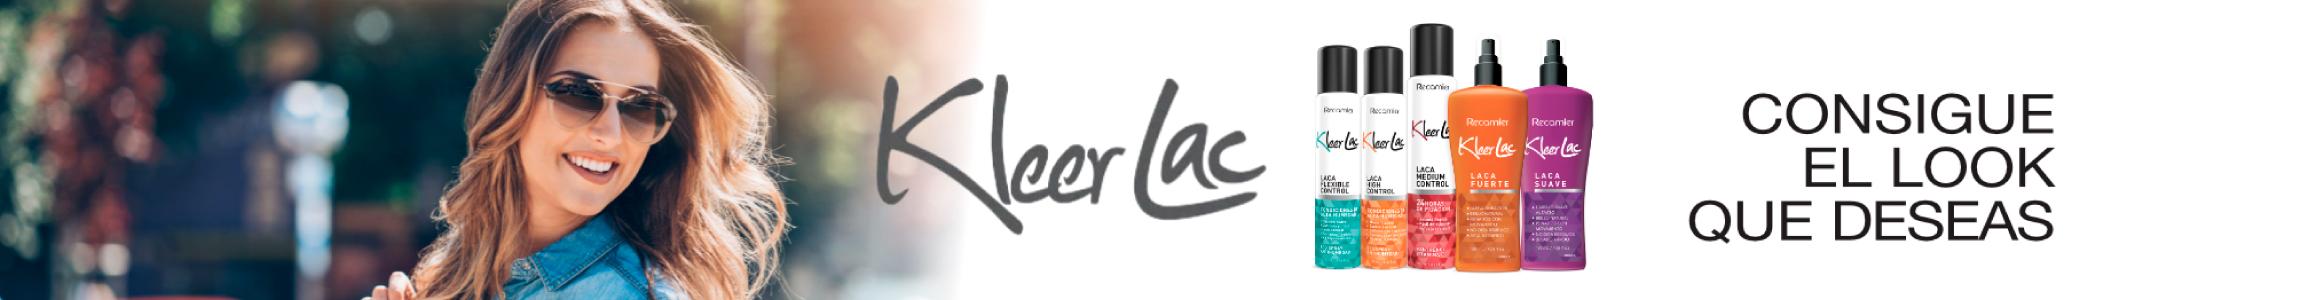 Kleer lac